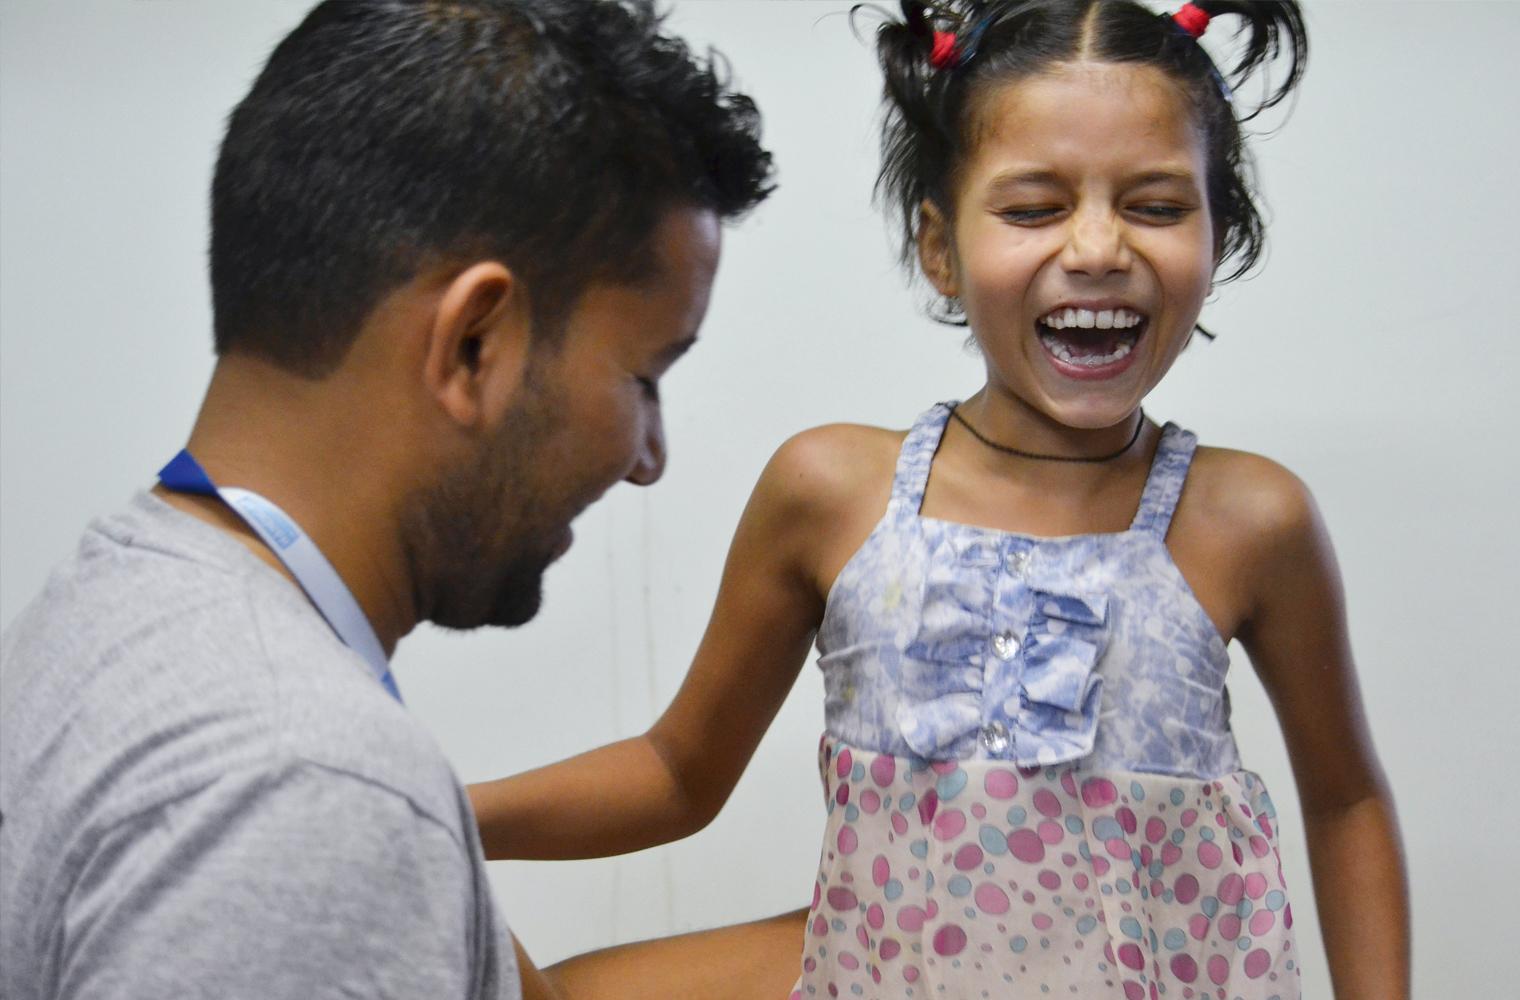 Die beinamputierte siebenjährige Nirmala lacht fröhlich im Gespräch mit einem jungen Arzt in Nepal.